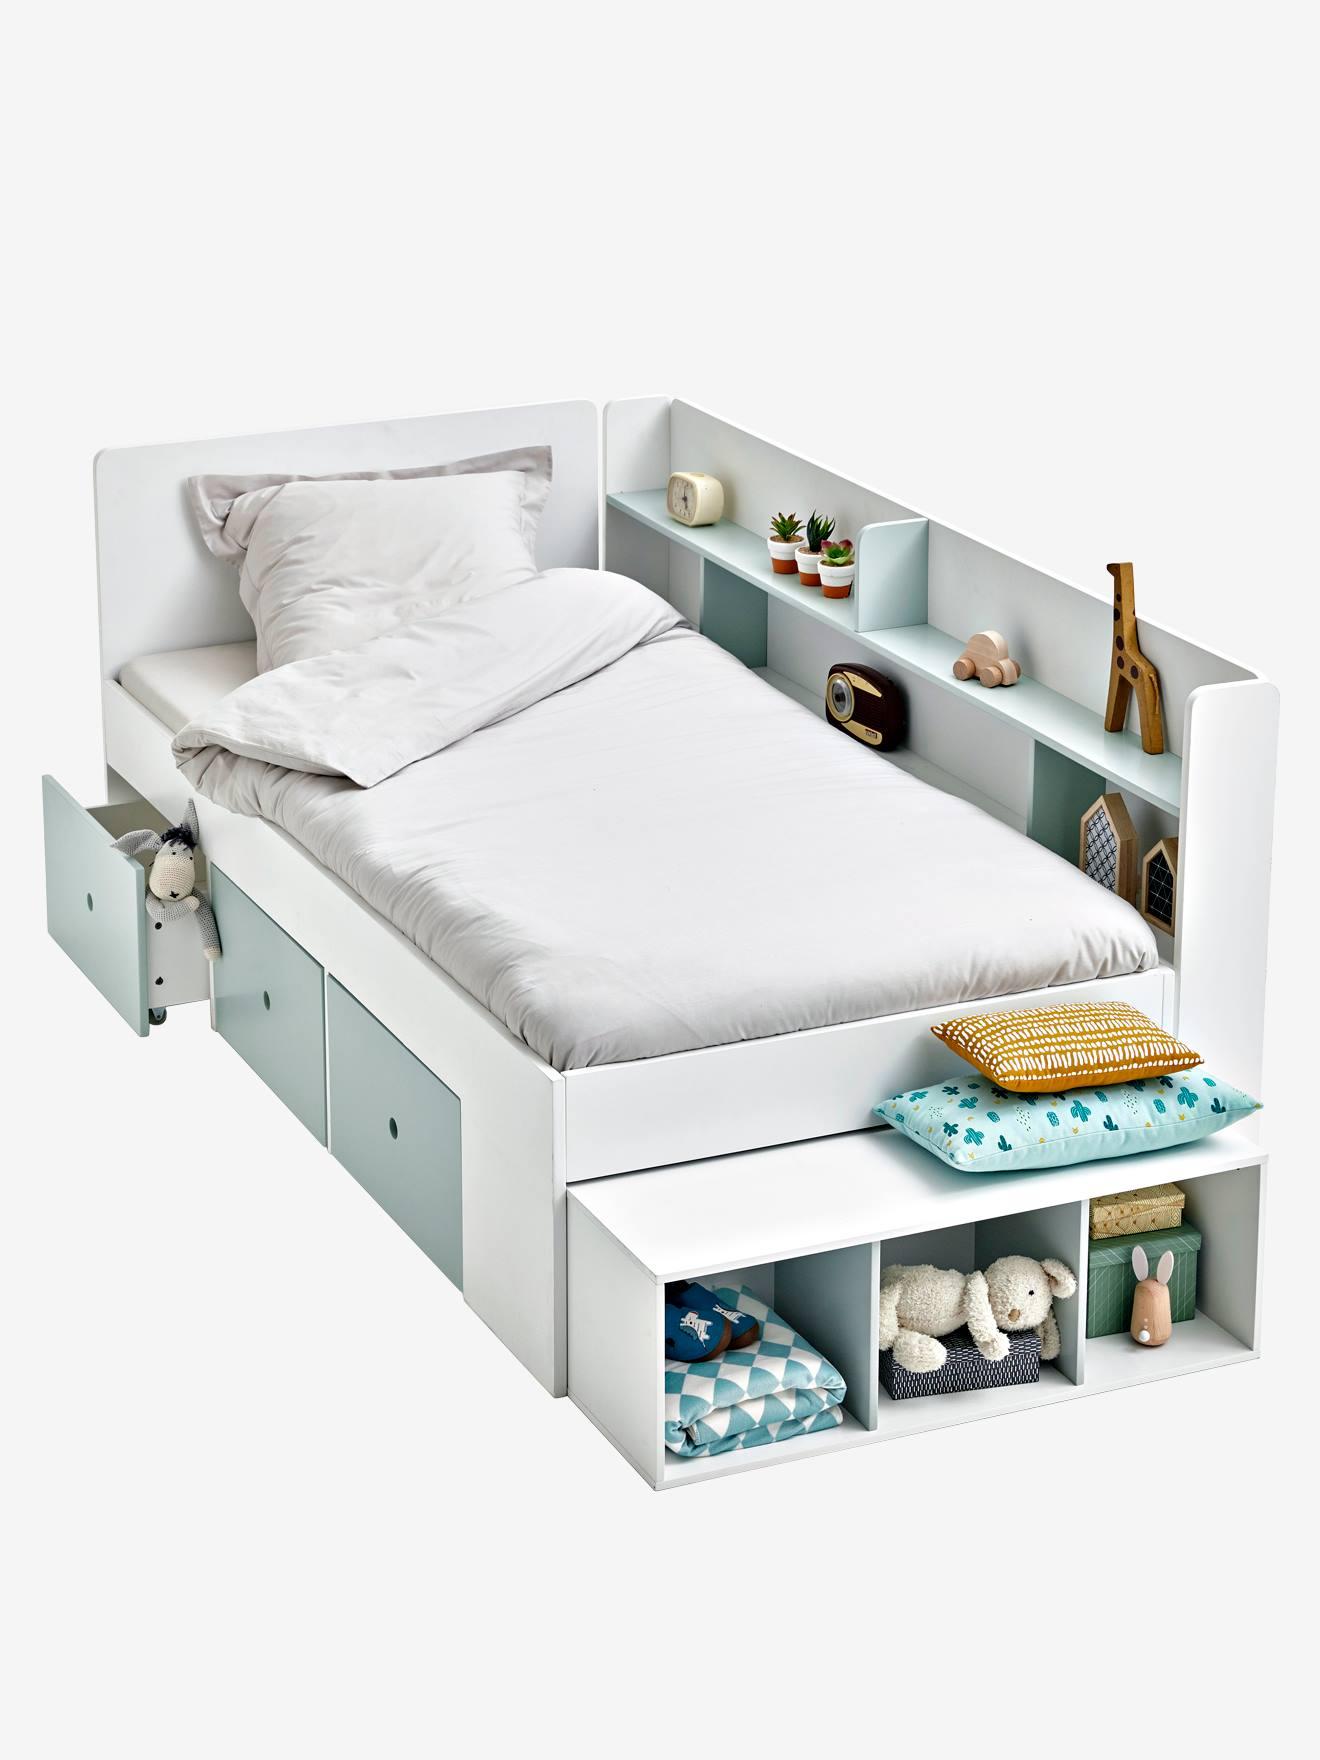 lit plateforme enfant avec rangements baseo blanc gris clair 1 vertbaudet enfant